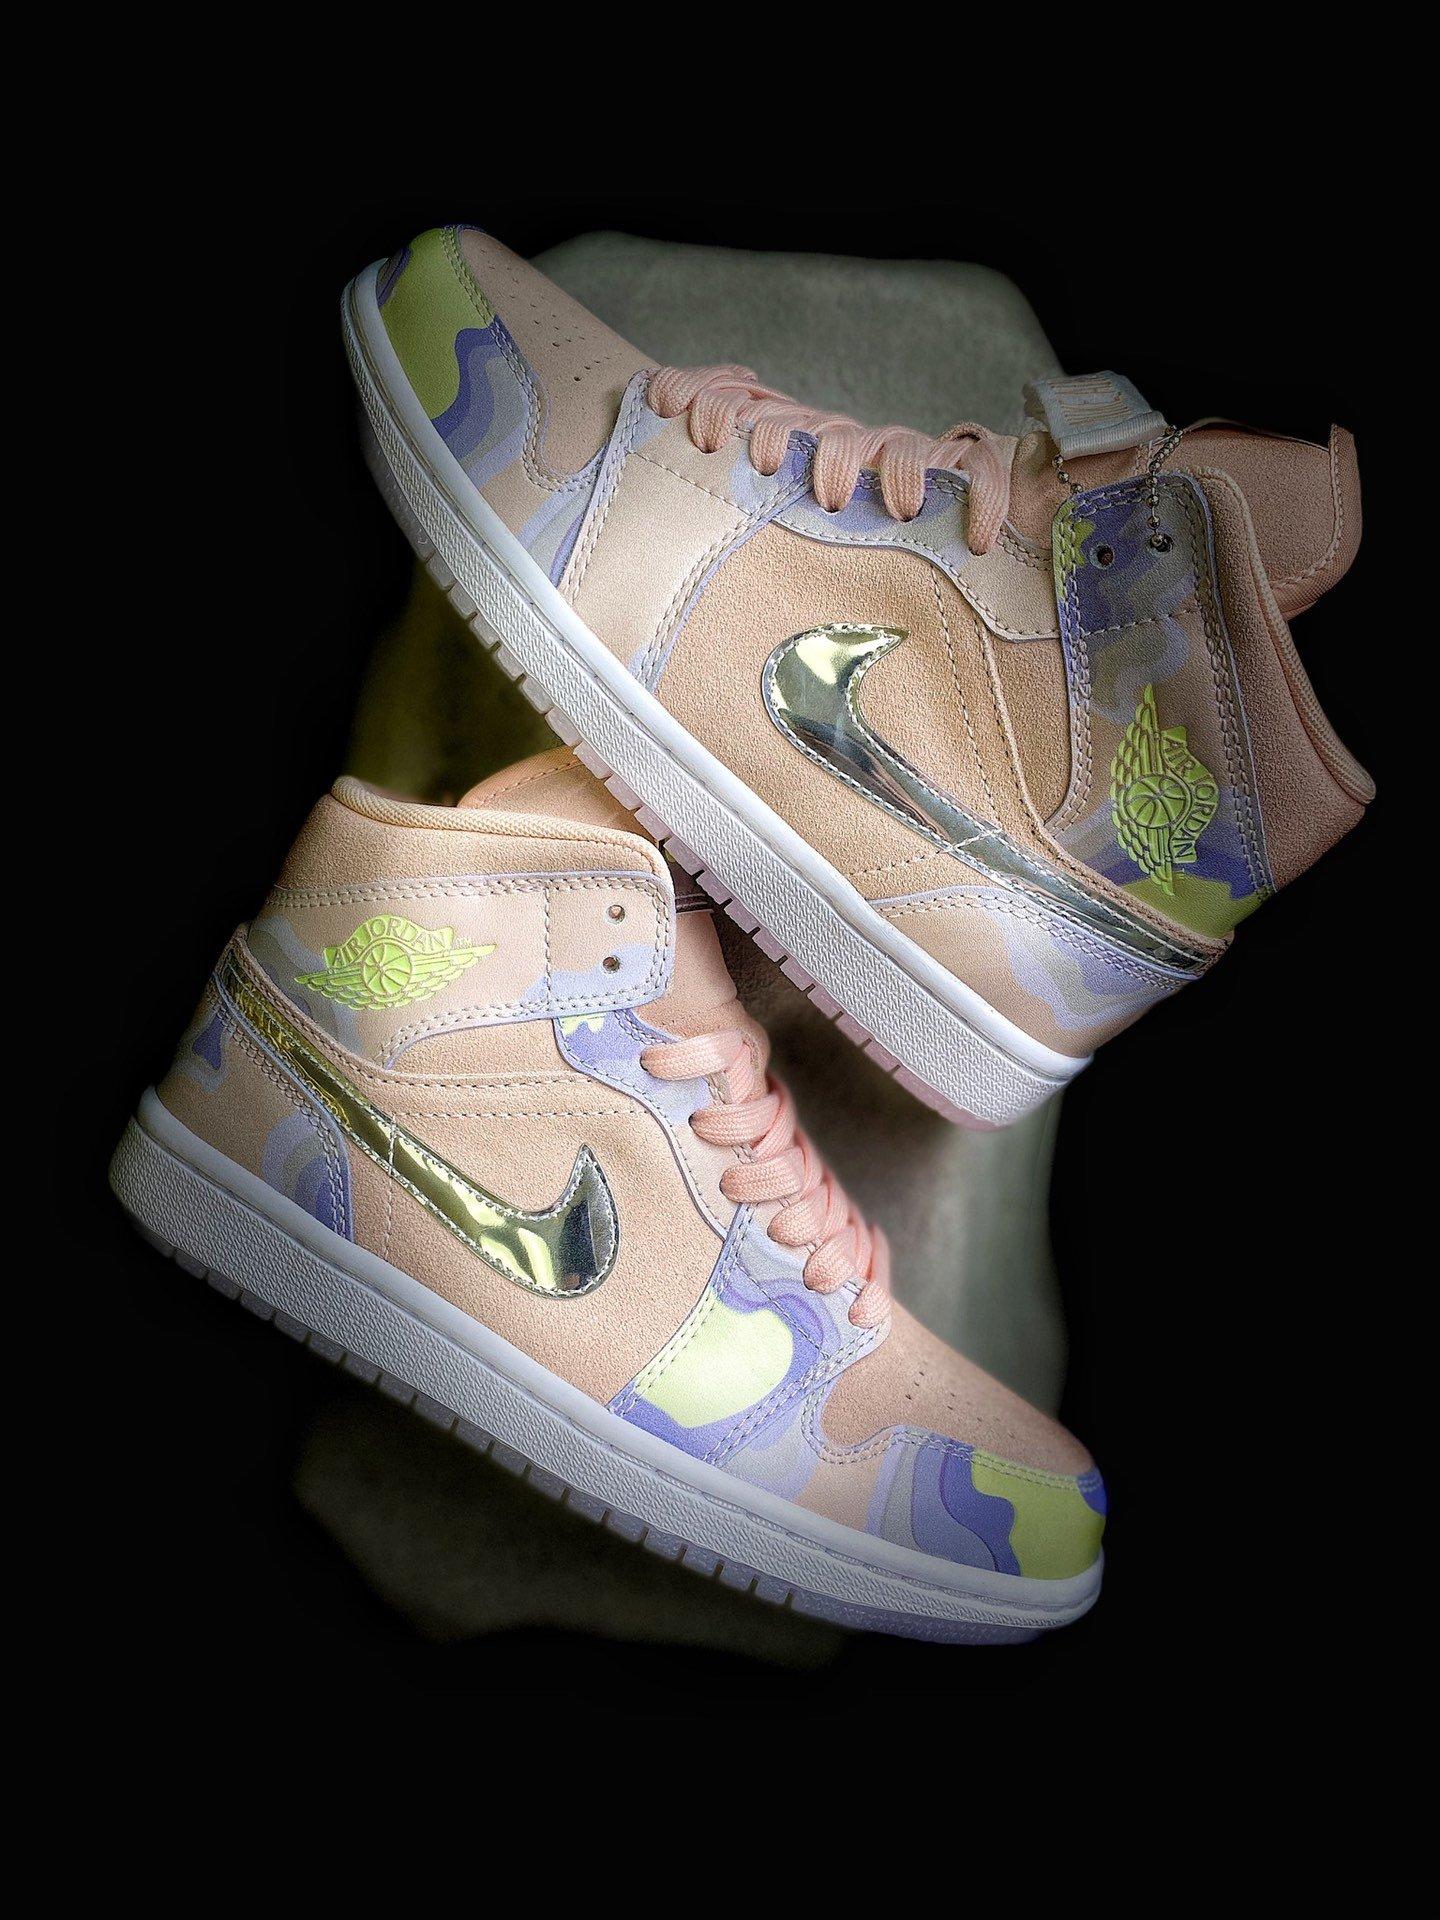 真正的莆田鞋,莆田AJ品牌LJR(刘家瑞)等公司纯原get毒